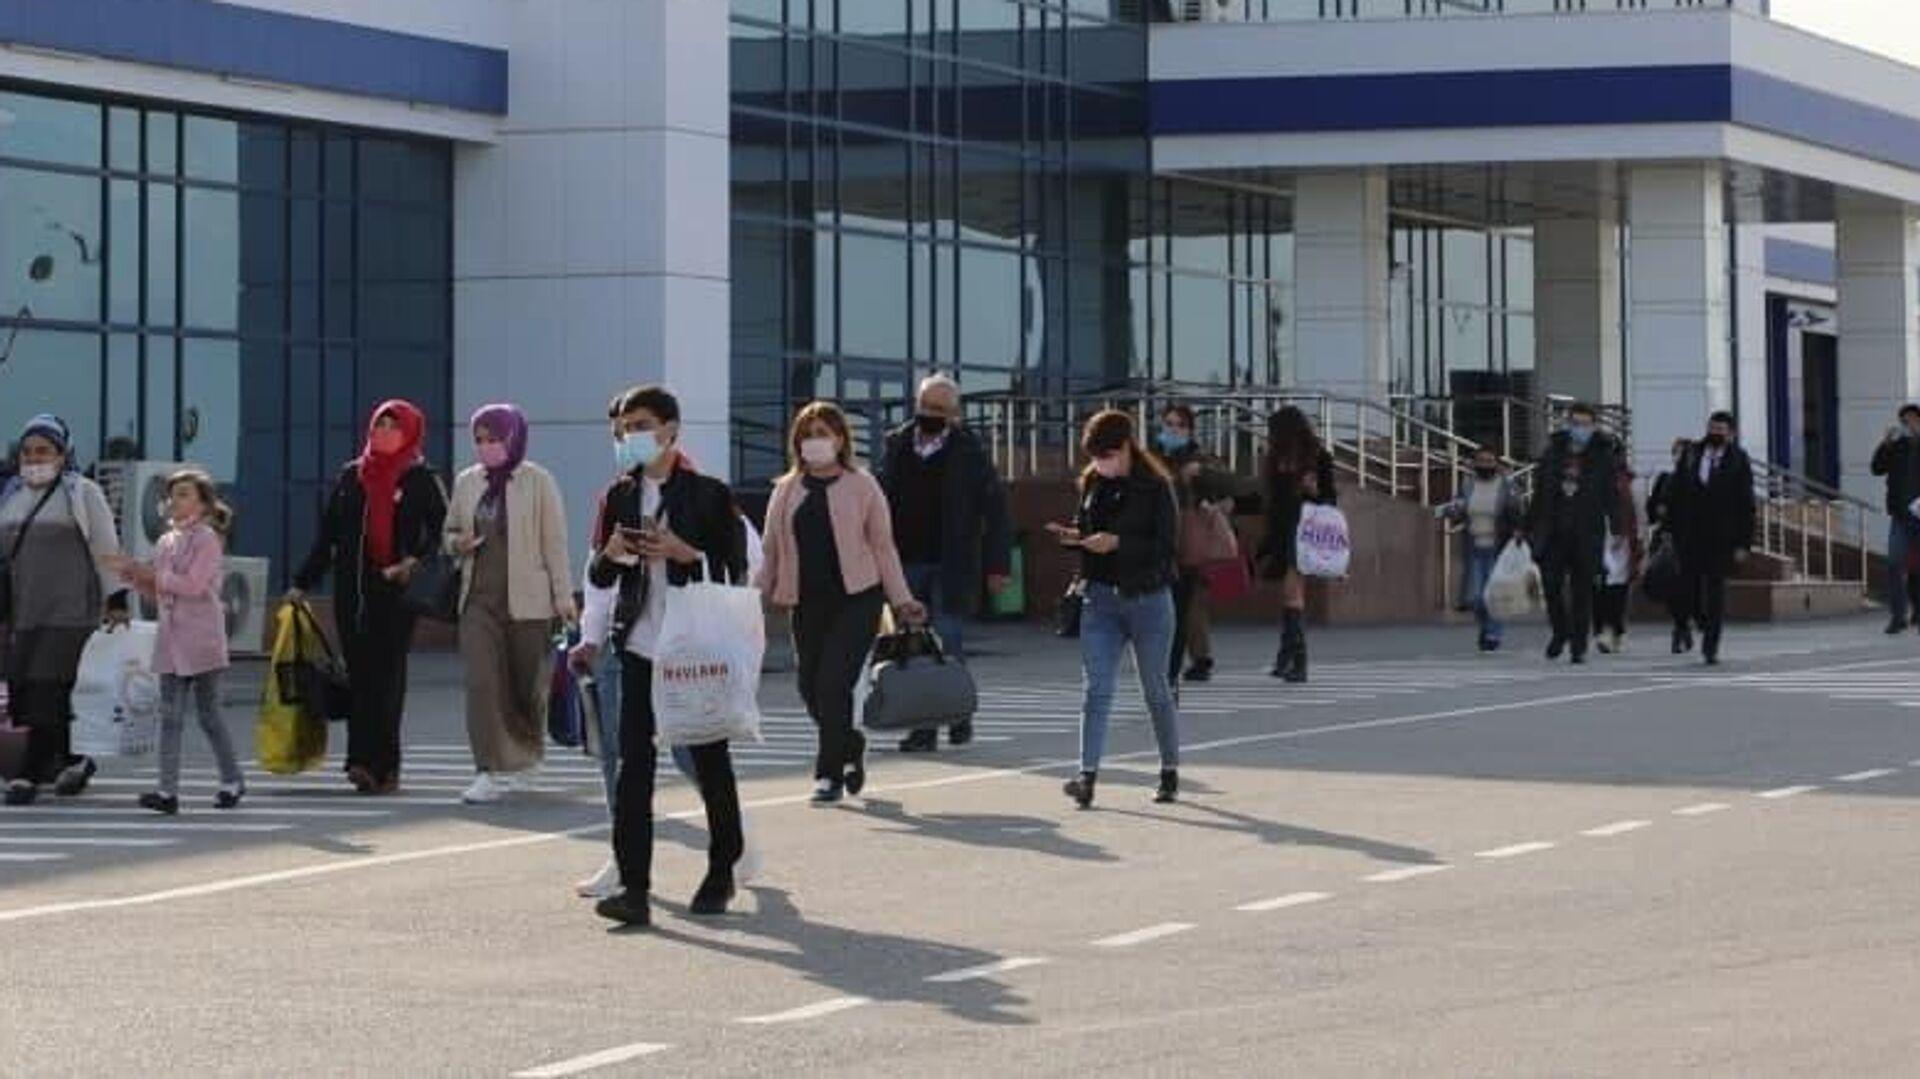 Осуществлен первый рейс по направлению Фергана -Стамбул - Sputnik Узбекистан, 1920, 31.03.2021